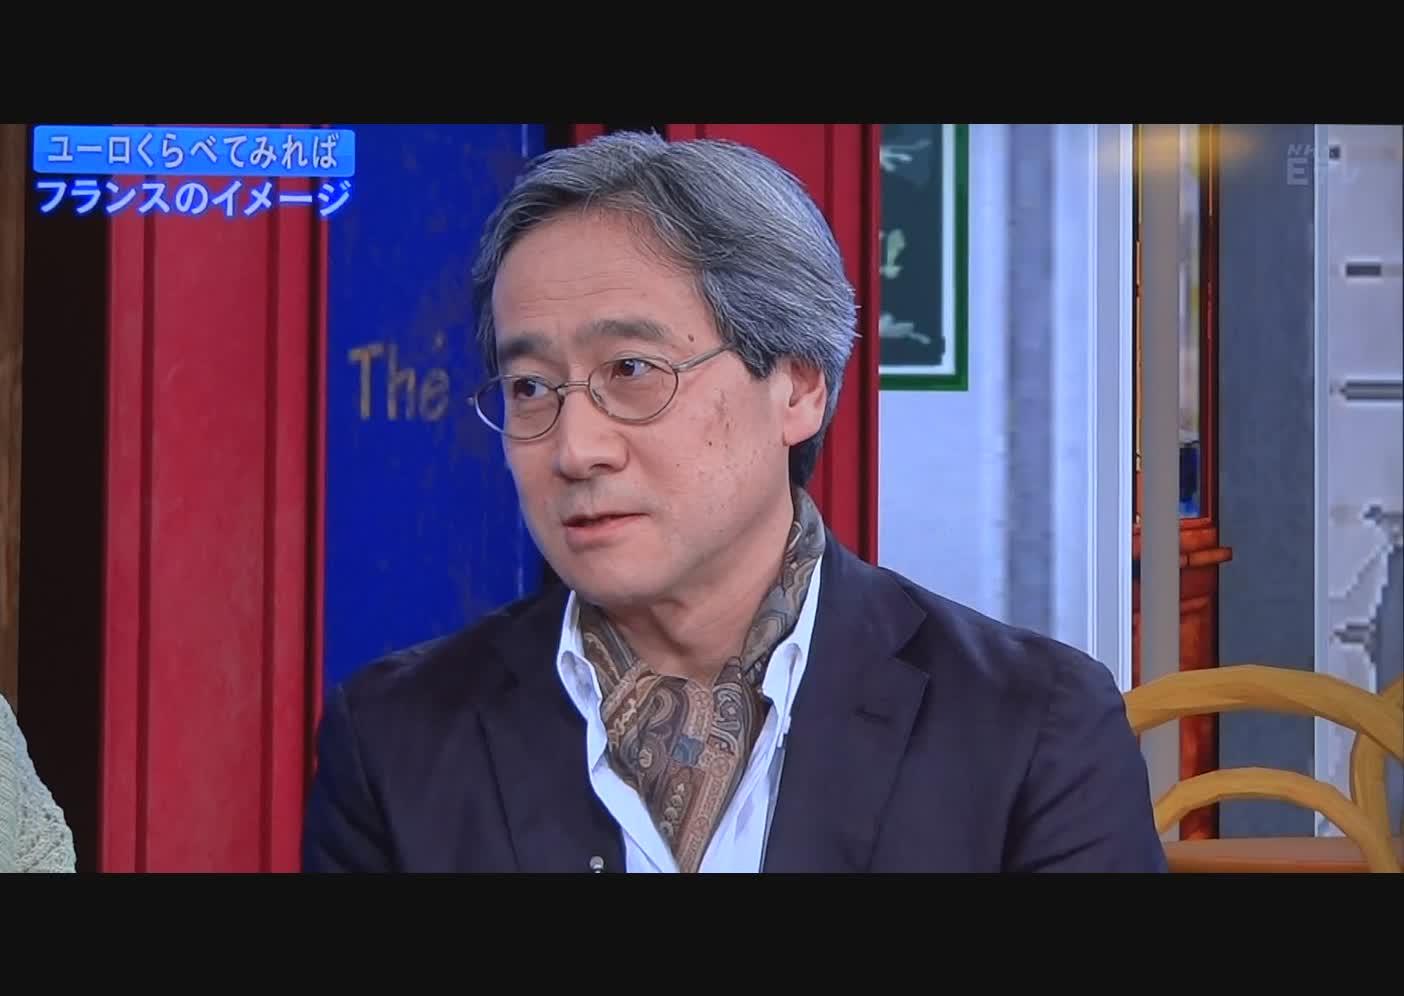 「反対の意見を使って進む力に変える 他者をバネにする」 NHK Eテレ テレビでフランス語20131120 フランスのイメージ